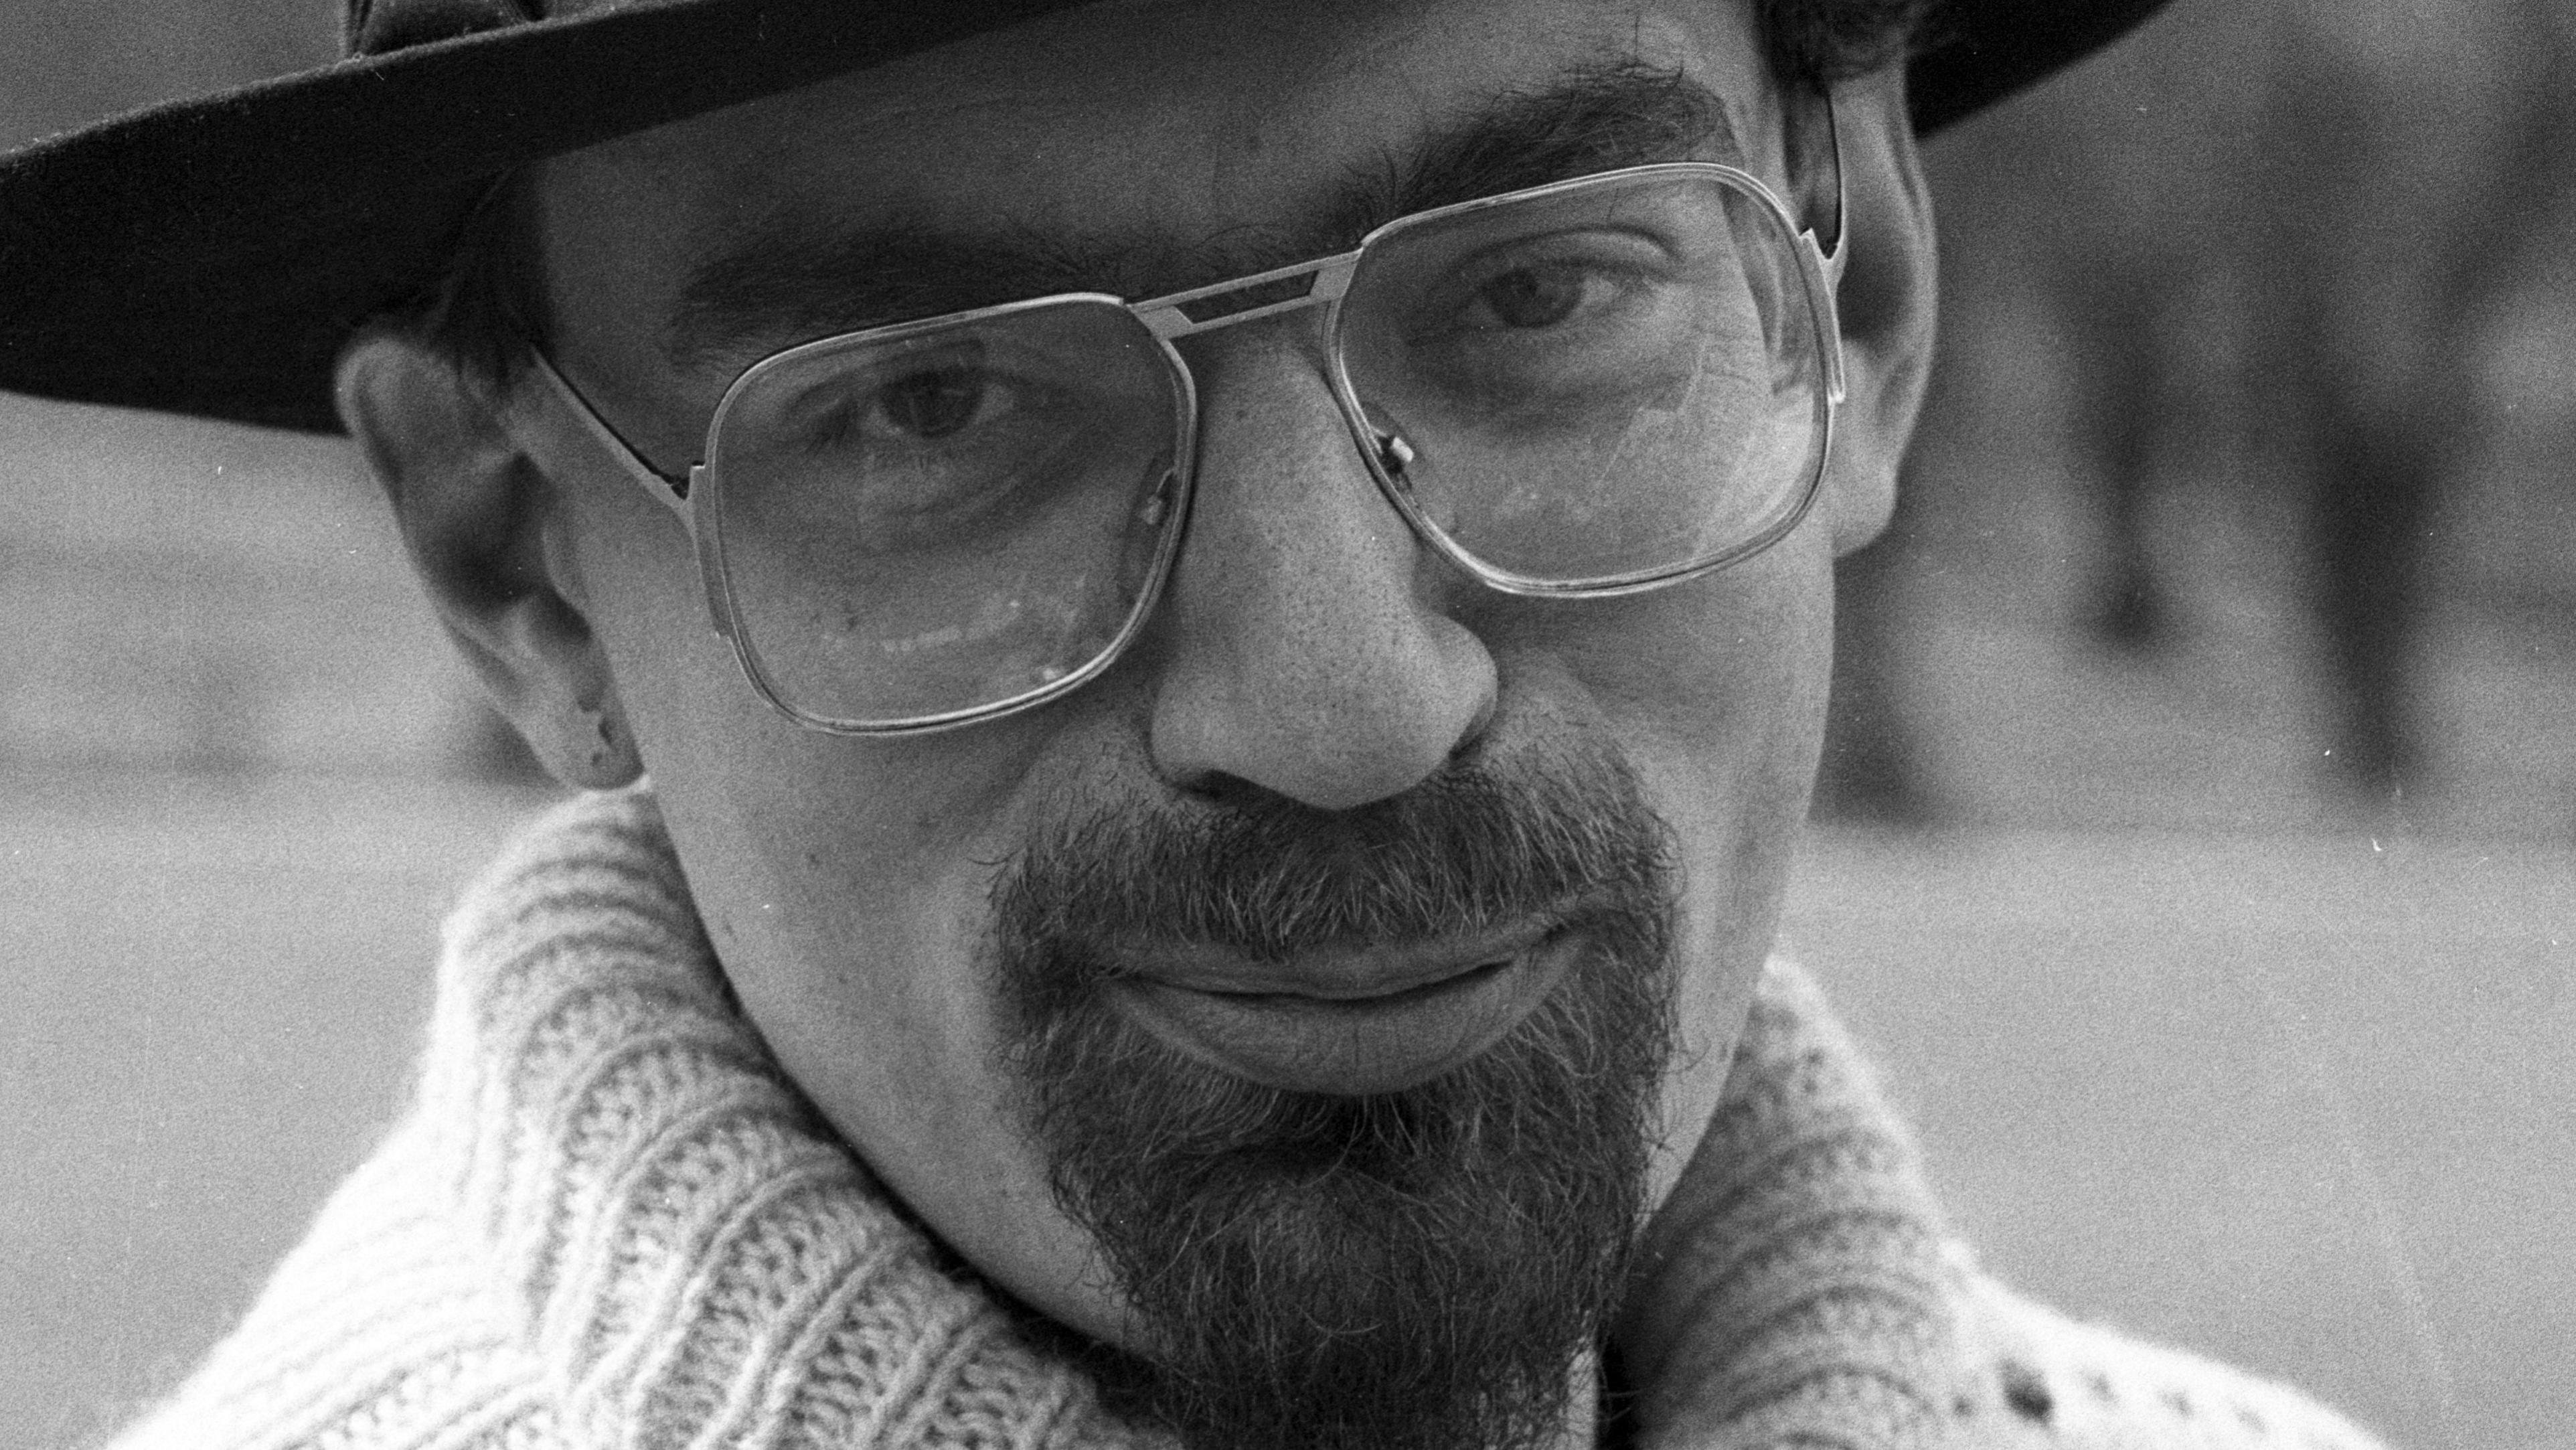 dan turèll Dan turèll (1946-93) var ikke-europæisk ikke-skandinavisk, men en klon af usa han var den første i dk til at praktisere beat, dvs lade sin digtning hente energi fra og styre af den her puls, som kommer fra bluesmusik.